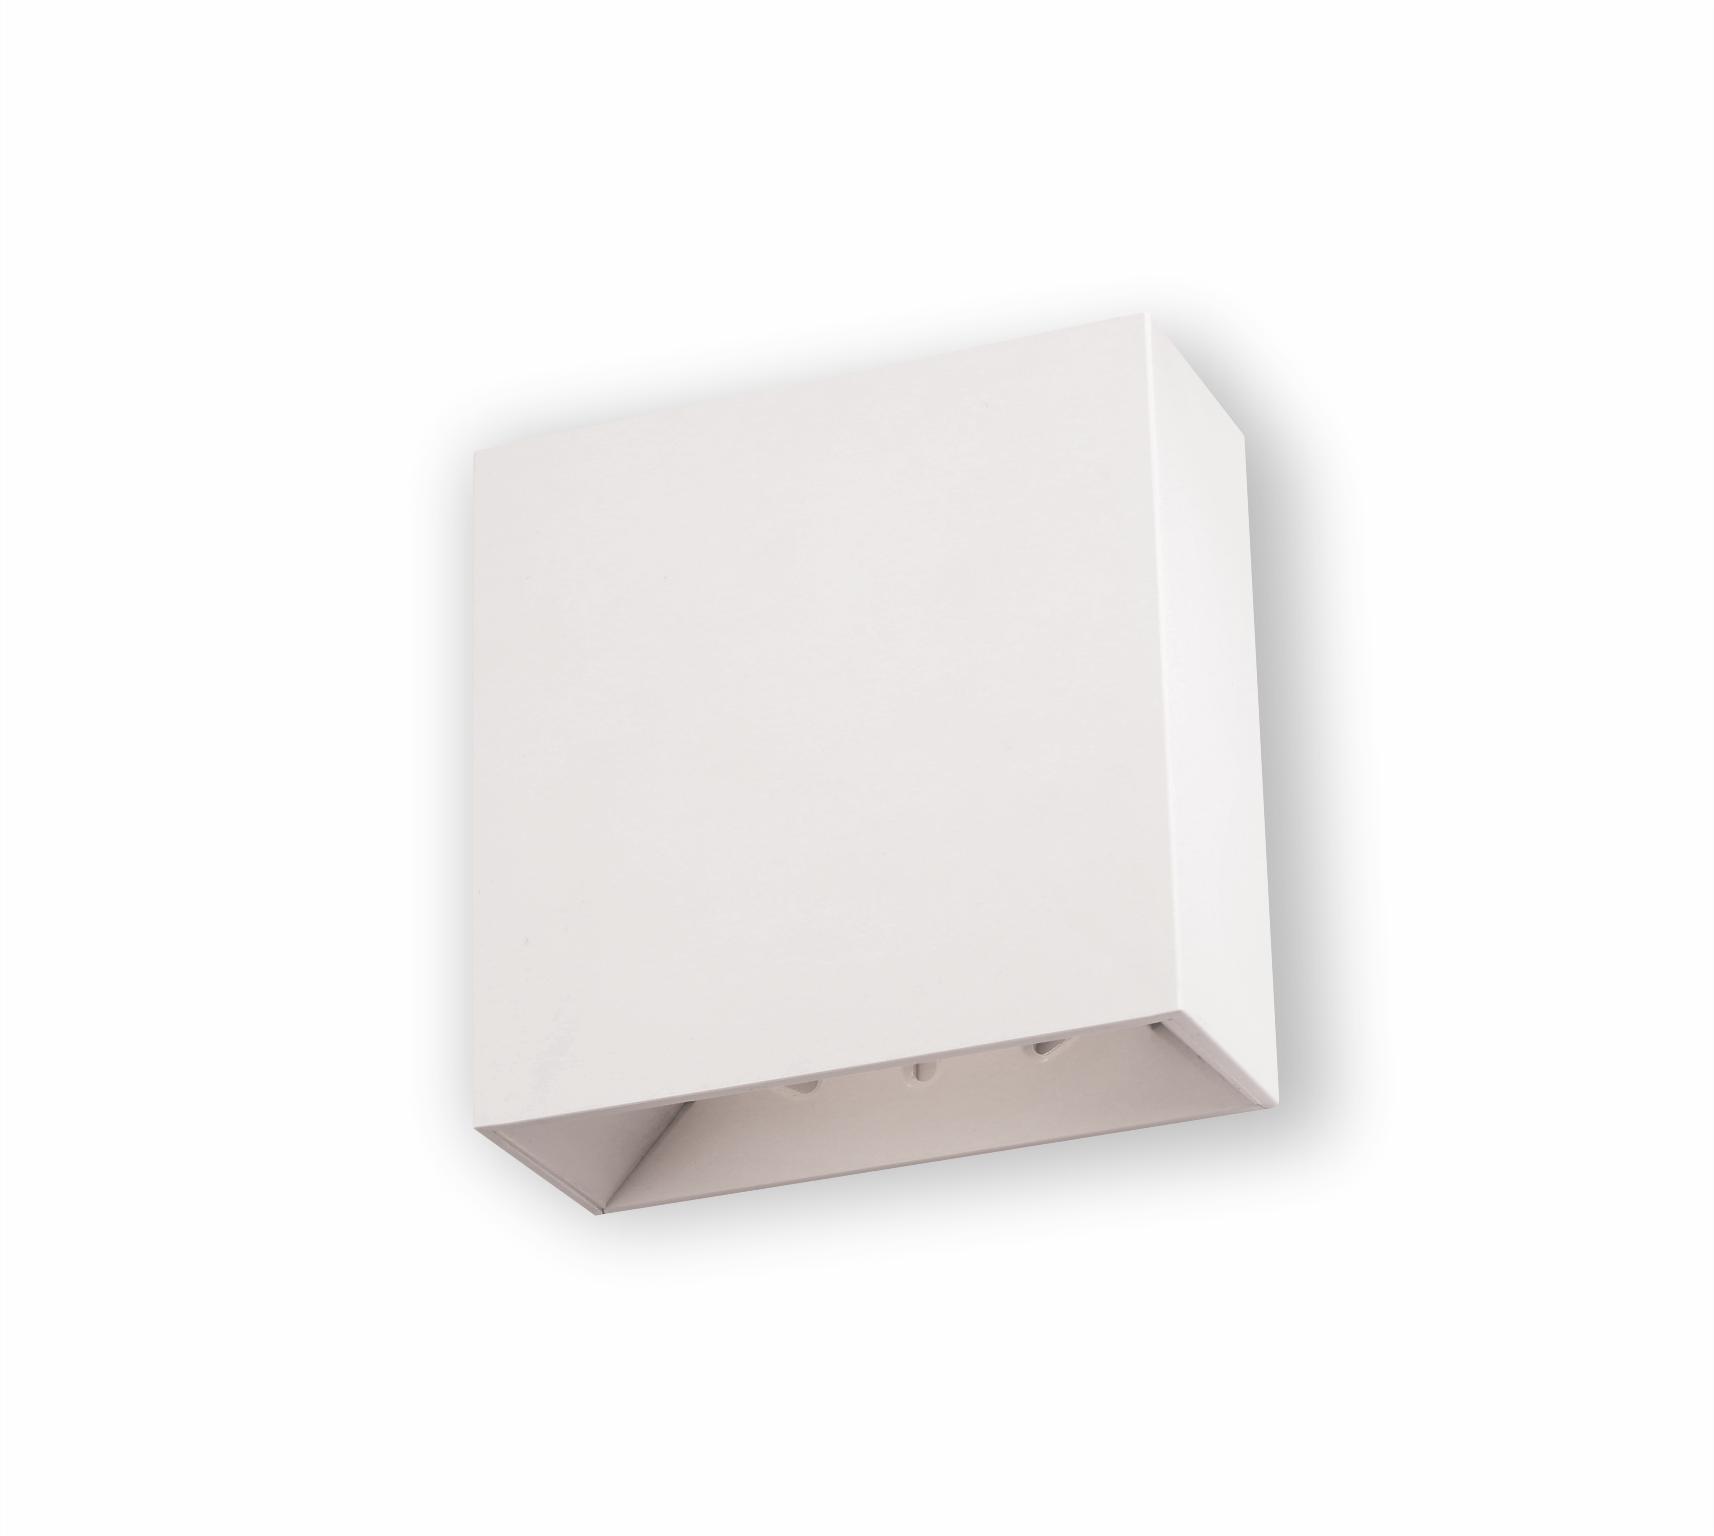 IBIS-LED-PCS-4-30-3BRC <span>(caixa)</span><br/>